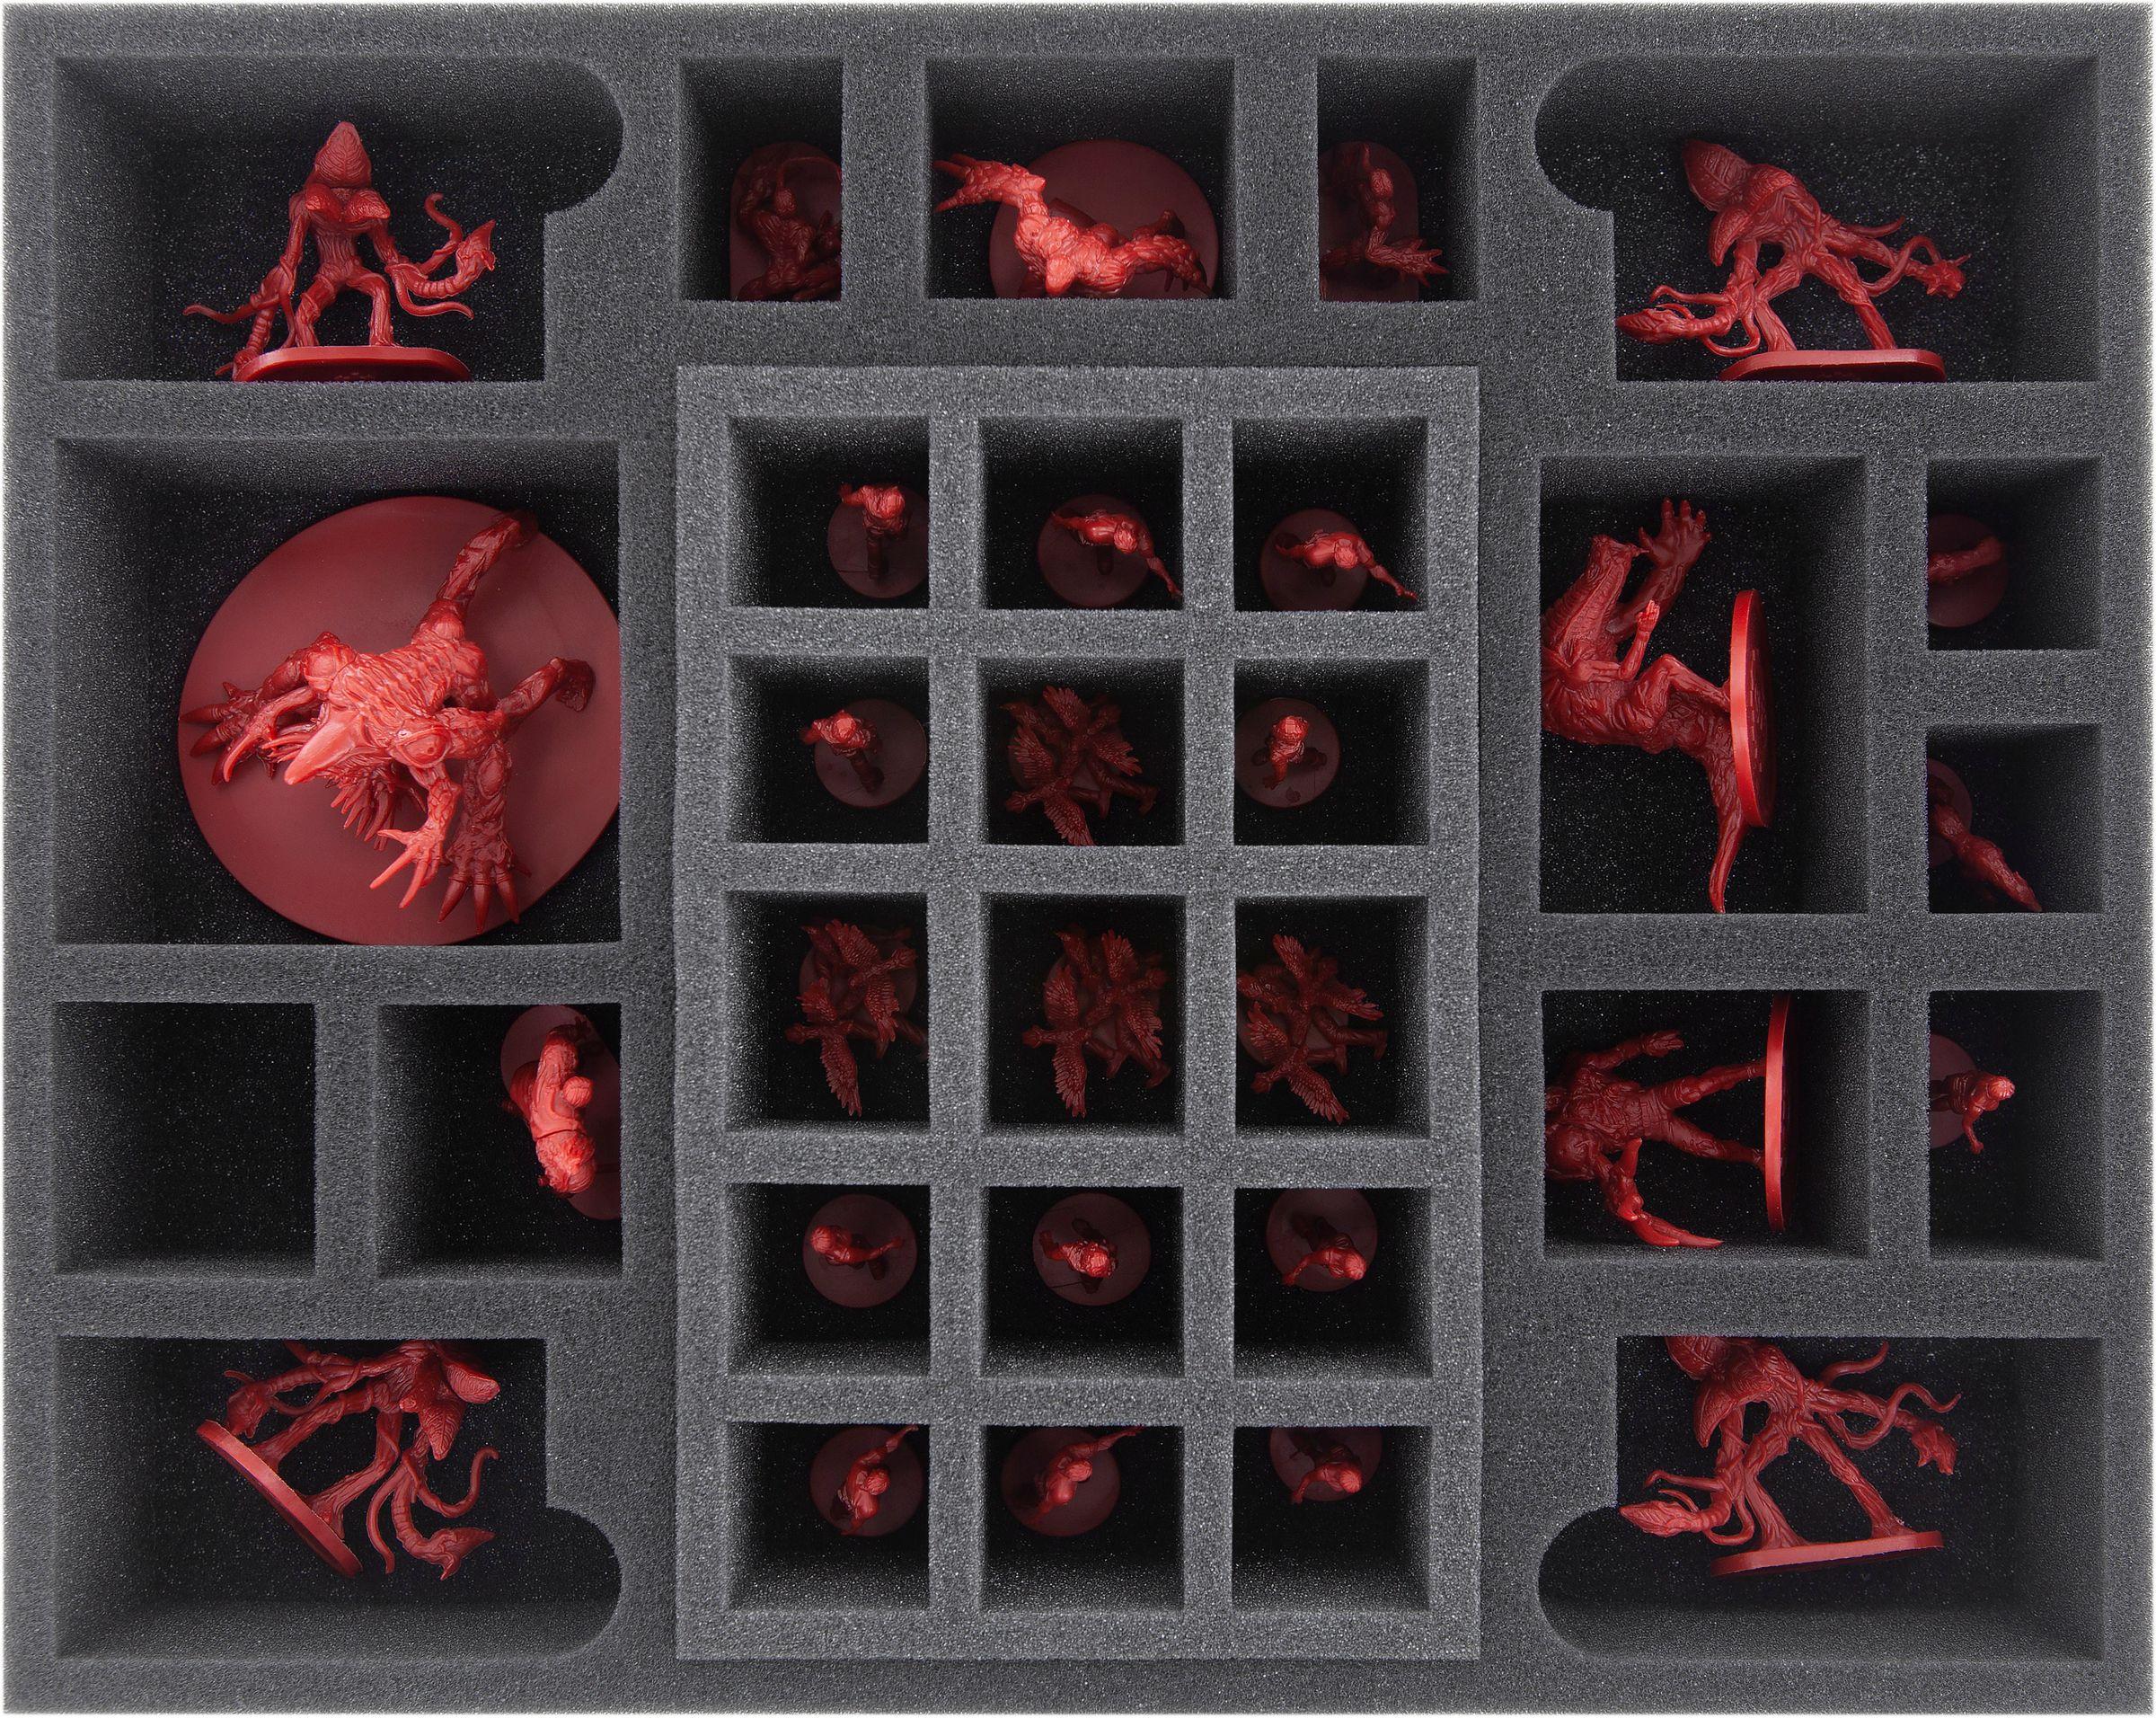 Feldherr Storage Box for Resident Evil 2: The Board Game - Kickstarter  Survivor Pledge